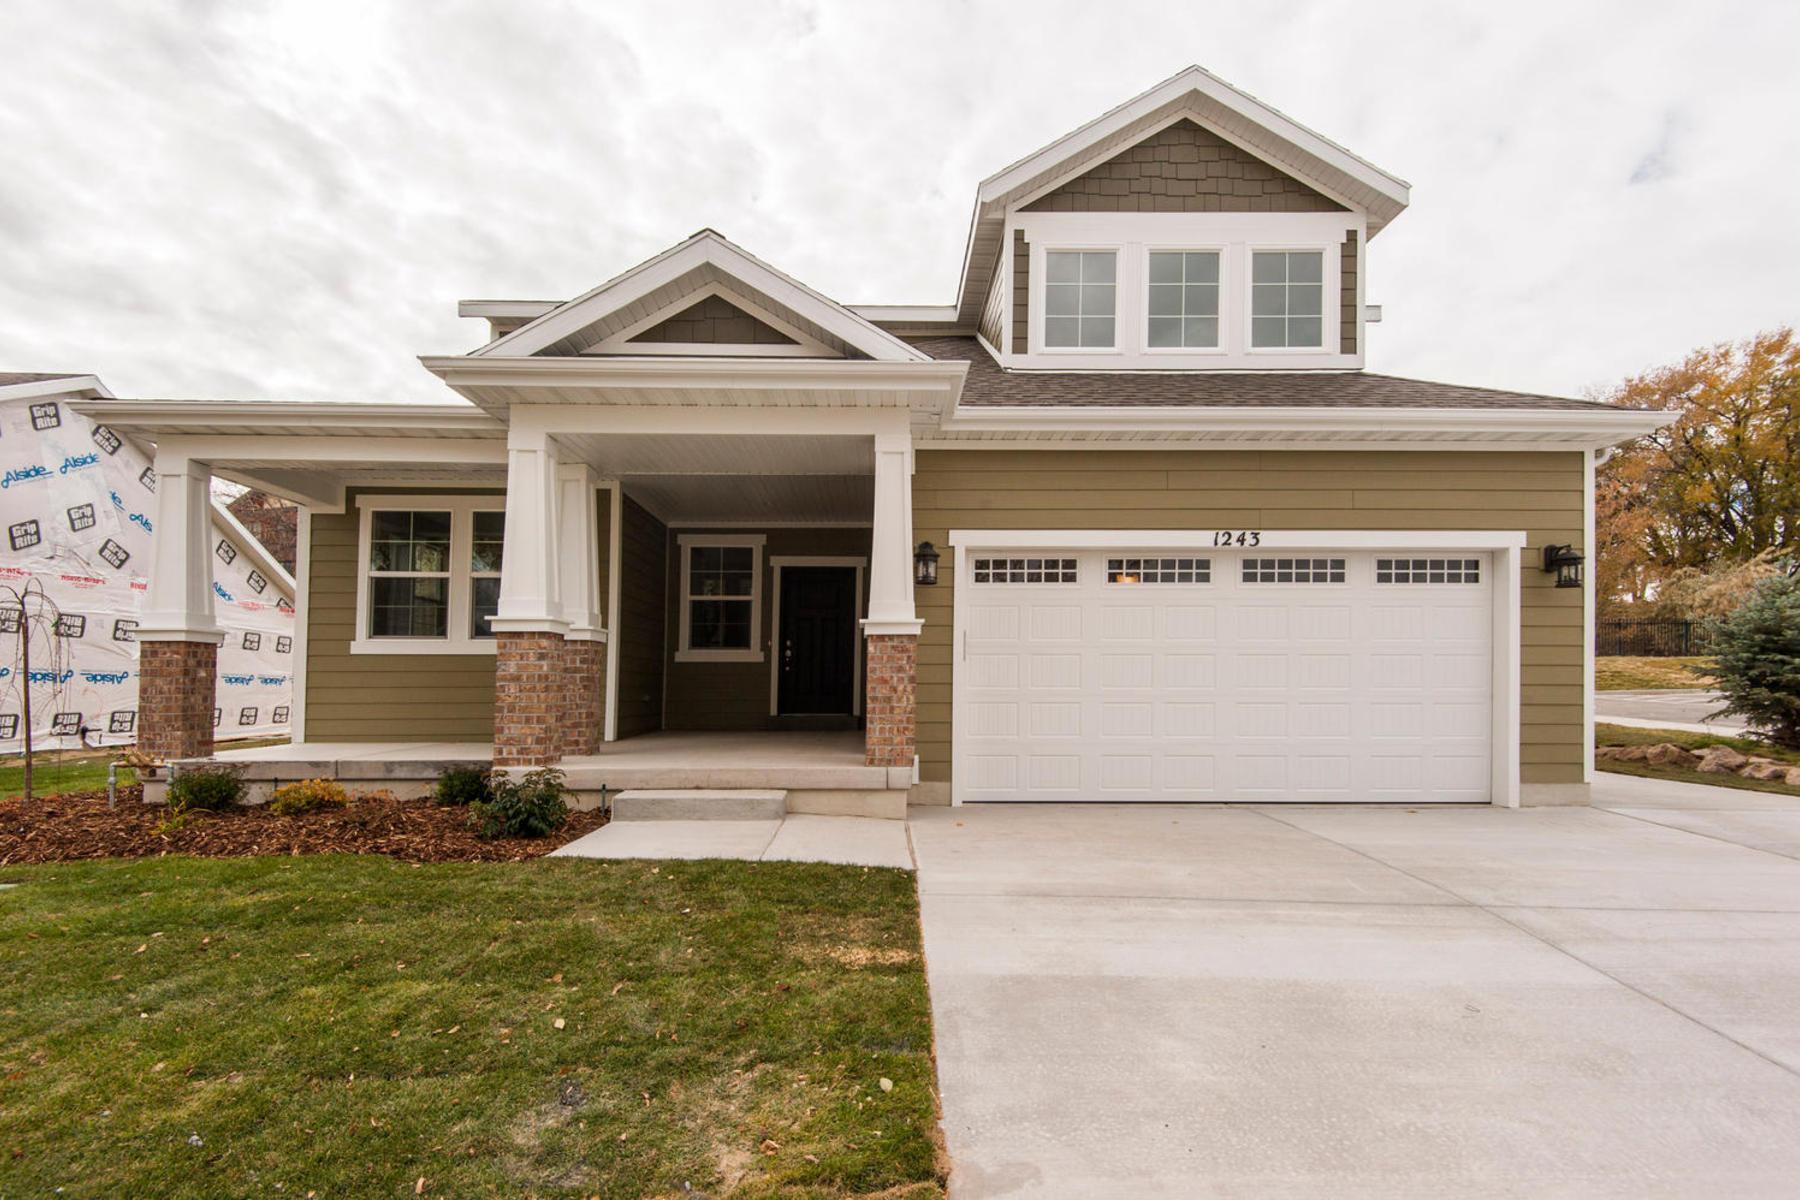 独户住宅 为 销售 在 Craftsman 2 Story 1198 Holt Farm Ln lOT #54 South Jordan, 犹他州 84095 美国